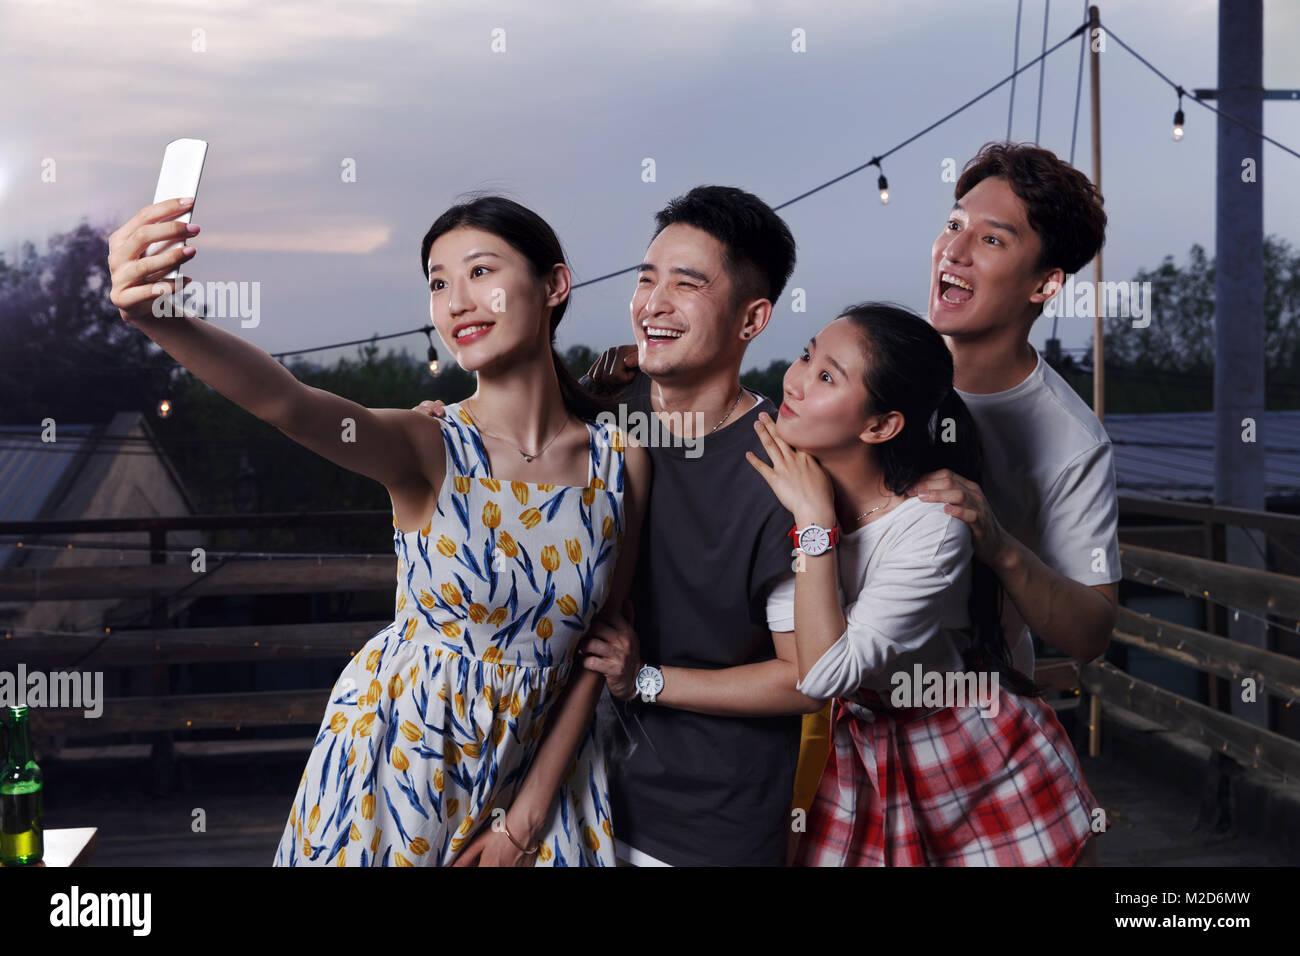 Les jeunes prennent des photos avec leurs téléphones portables Photo Stock